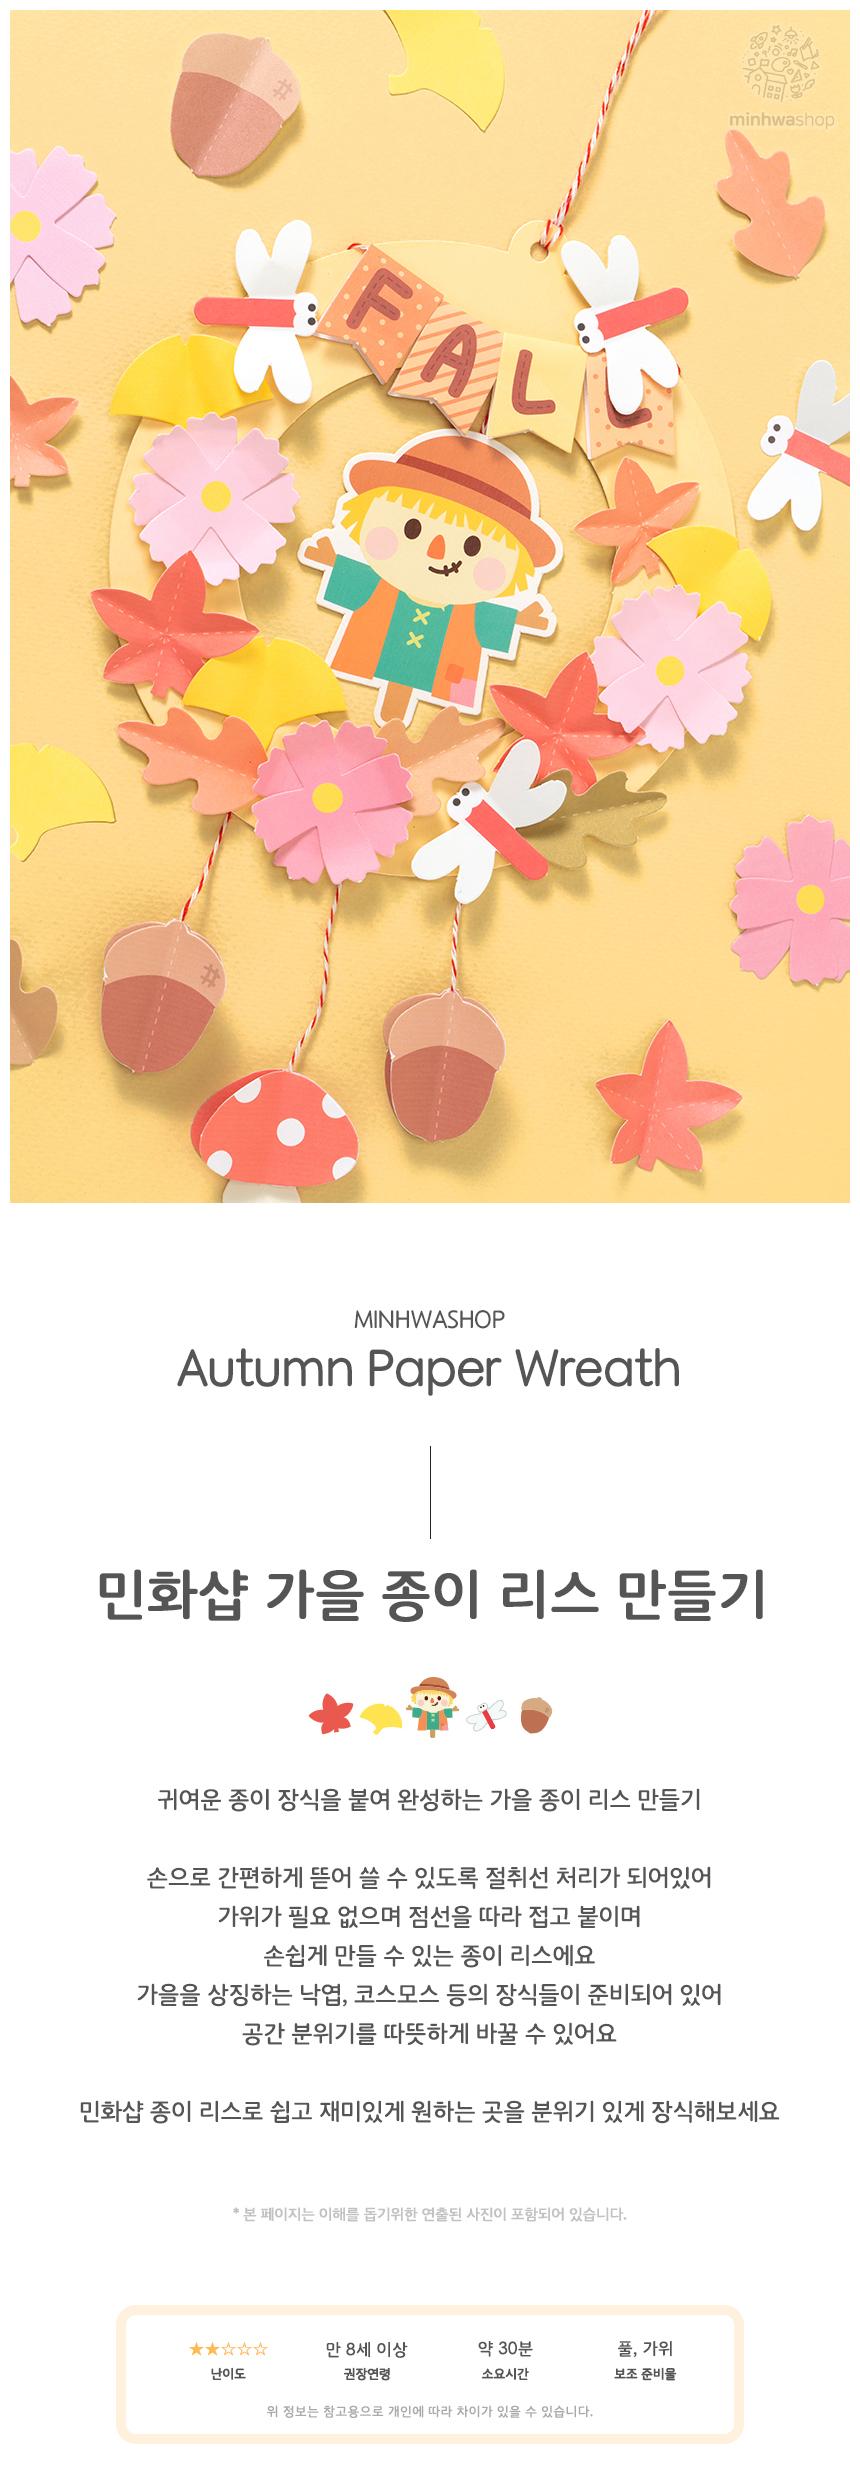 가을 종이리스